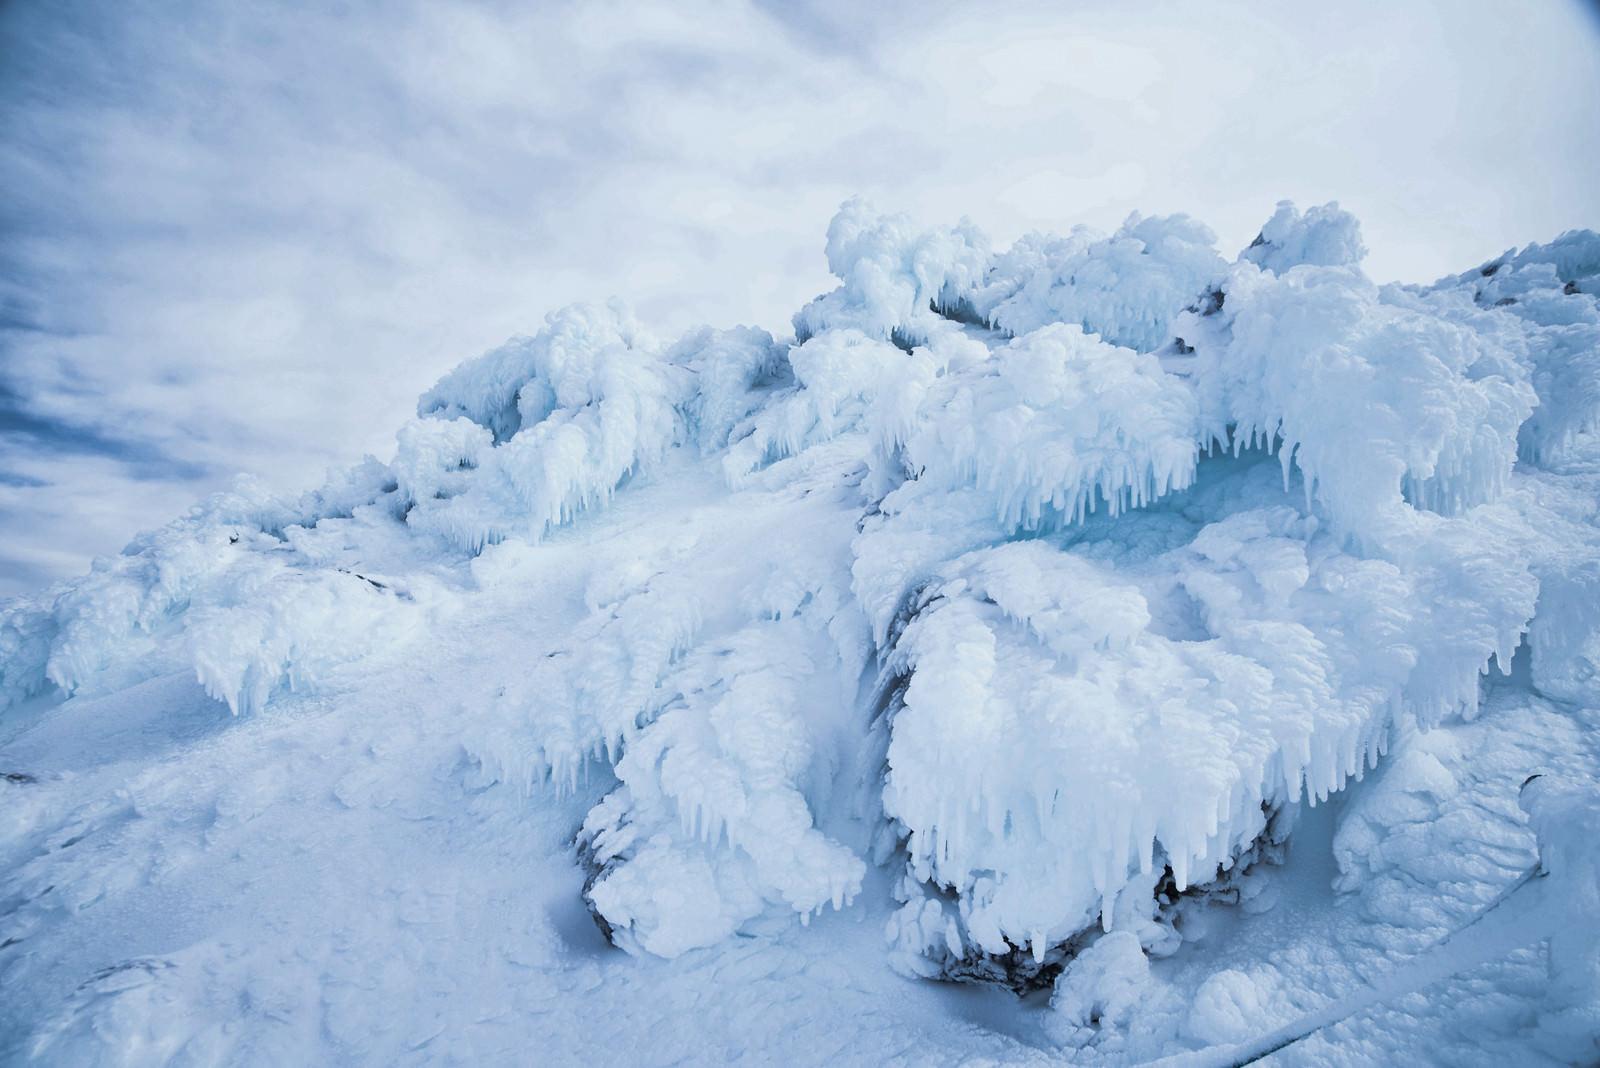 「乗鞍岳に現れた氷のオブジェ」の写真